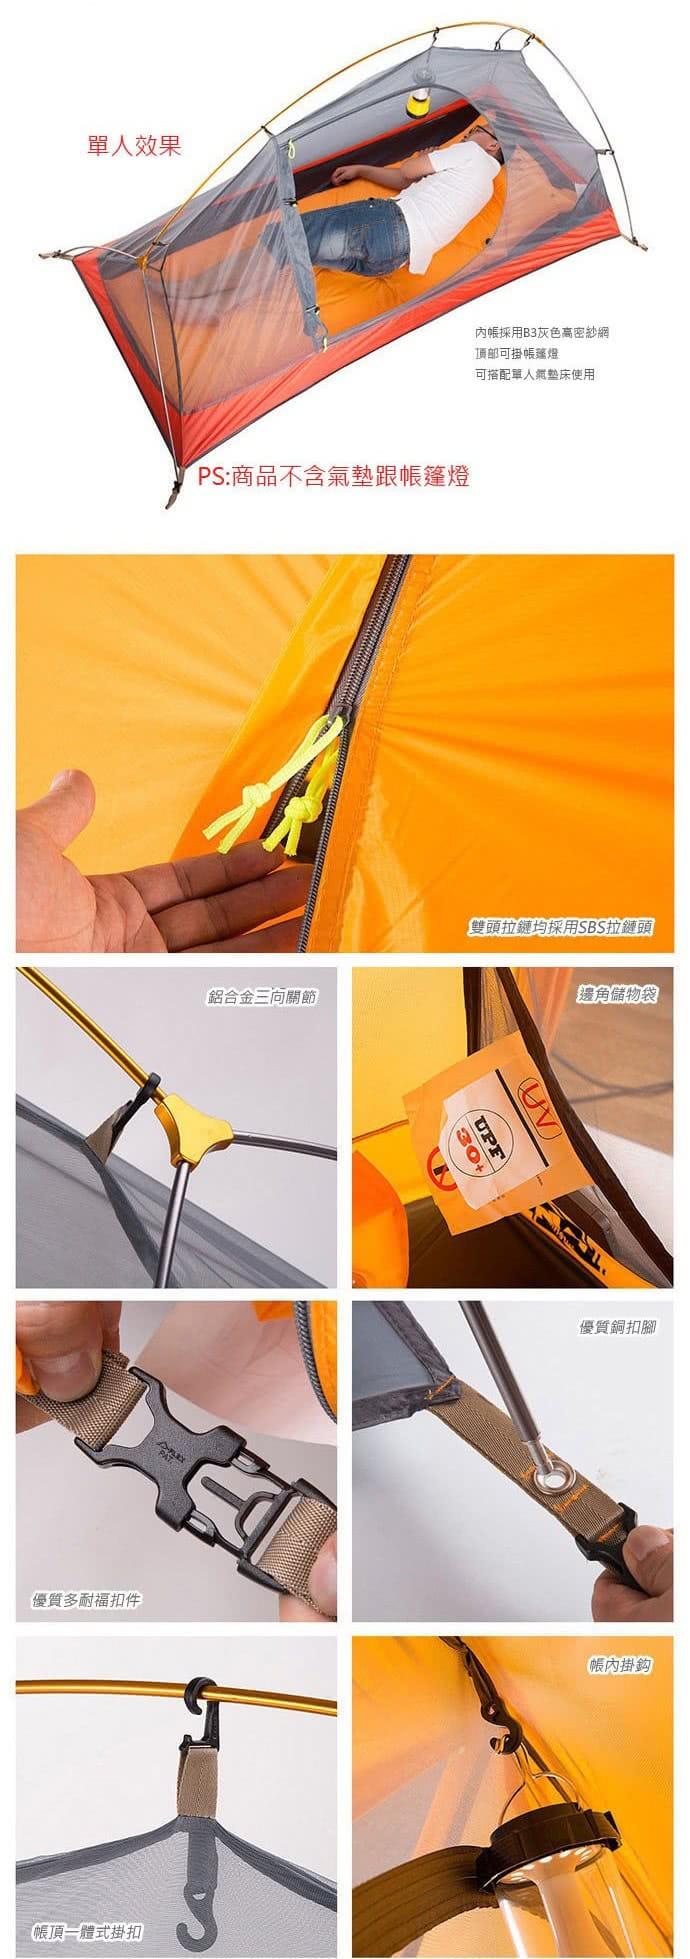 雲尚 20D 矽膠布 單人雙層帳篷 鋁合金帳篷 單人帳篷 登山帳篷 3